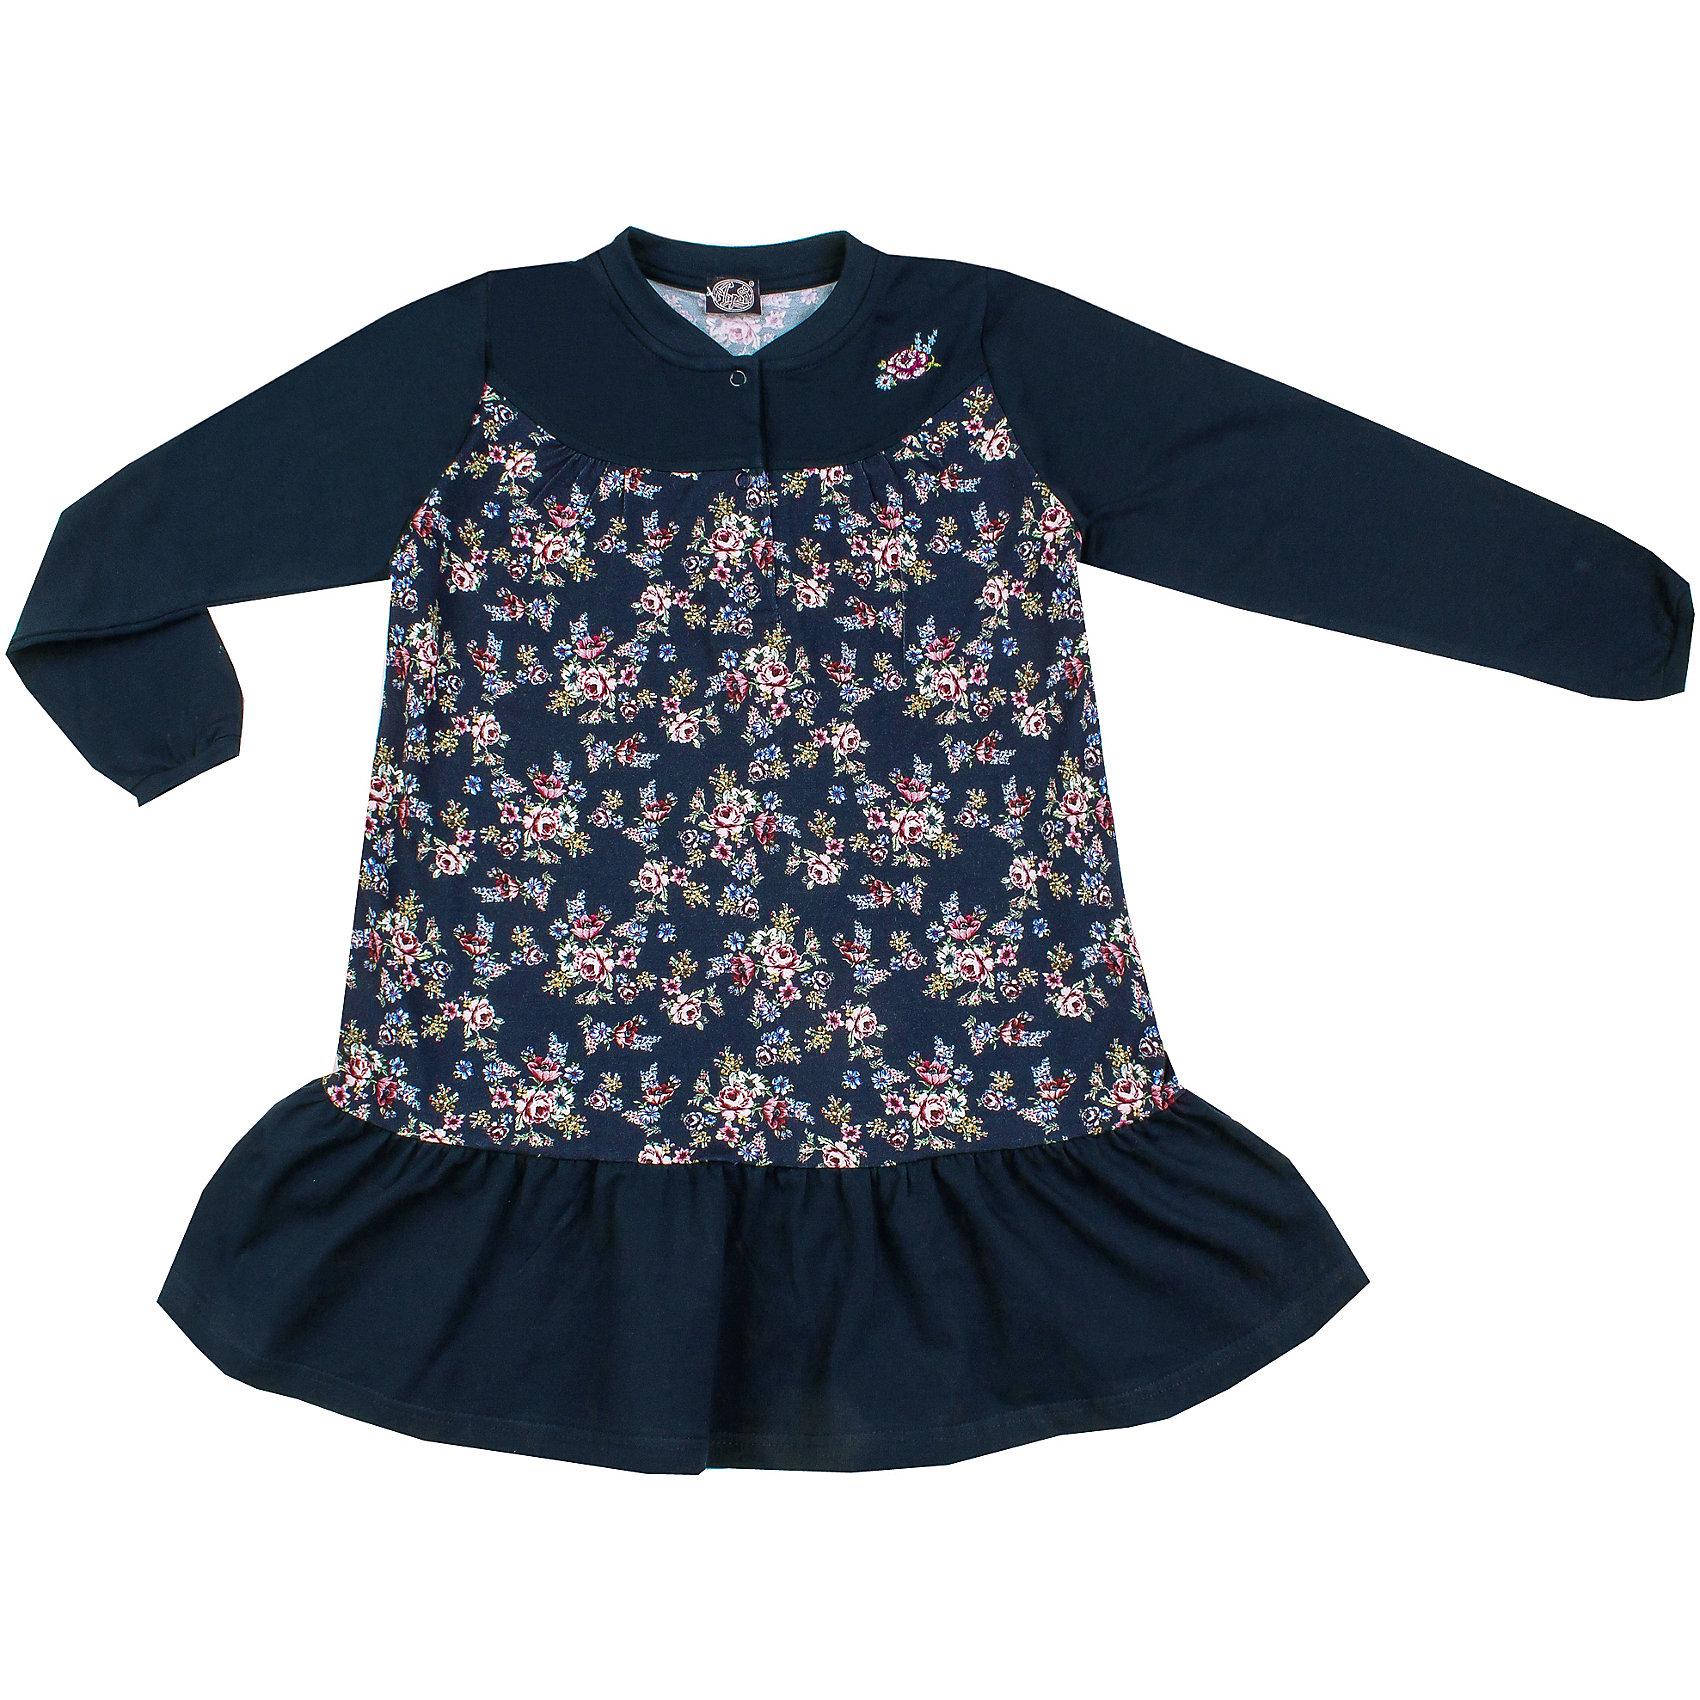 Платье Апрель для девочкиПлатья и сарафаны<br>Характеристики товара:<br><br>• цвет: синий<br>• состав ткани: 95% хлопок, 5% лайкра <br>• сезон: демисезон<br>• застежка: кнопки<br>• длинные рукава<br>• страна бренда: Россия<br>• страна производства: Россия<br><br>Модное платье для ребенка сделано из дышащего приятного на ощупь материала. Такое платье для девочки легко надевается благодаря эластичной ткани и кнопкам. Трикотажное платье для девочки от бренда Апрель украшено цветочным принтом. <br><br>Платье Апрель для девочки можно купить в нашем интернет-магазине.<br><br>Ширина мм: 196<br>Глубина мм: 10<br>Высота мм: 154<br>Вес г: 152<br>Цвет: синий<br>Возраст от месяцев: 84<br>Возраст до месяцев: 96<br>Пол: Женский<br>Возраст: Детский<br>Размер: 128,98,104,110,116,122<br>SKU: 7143264